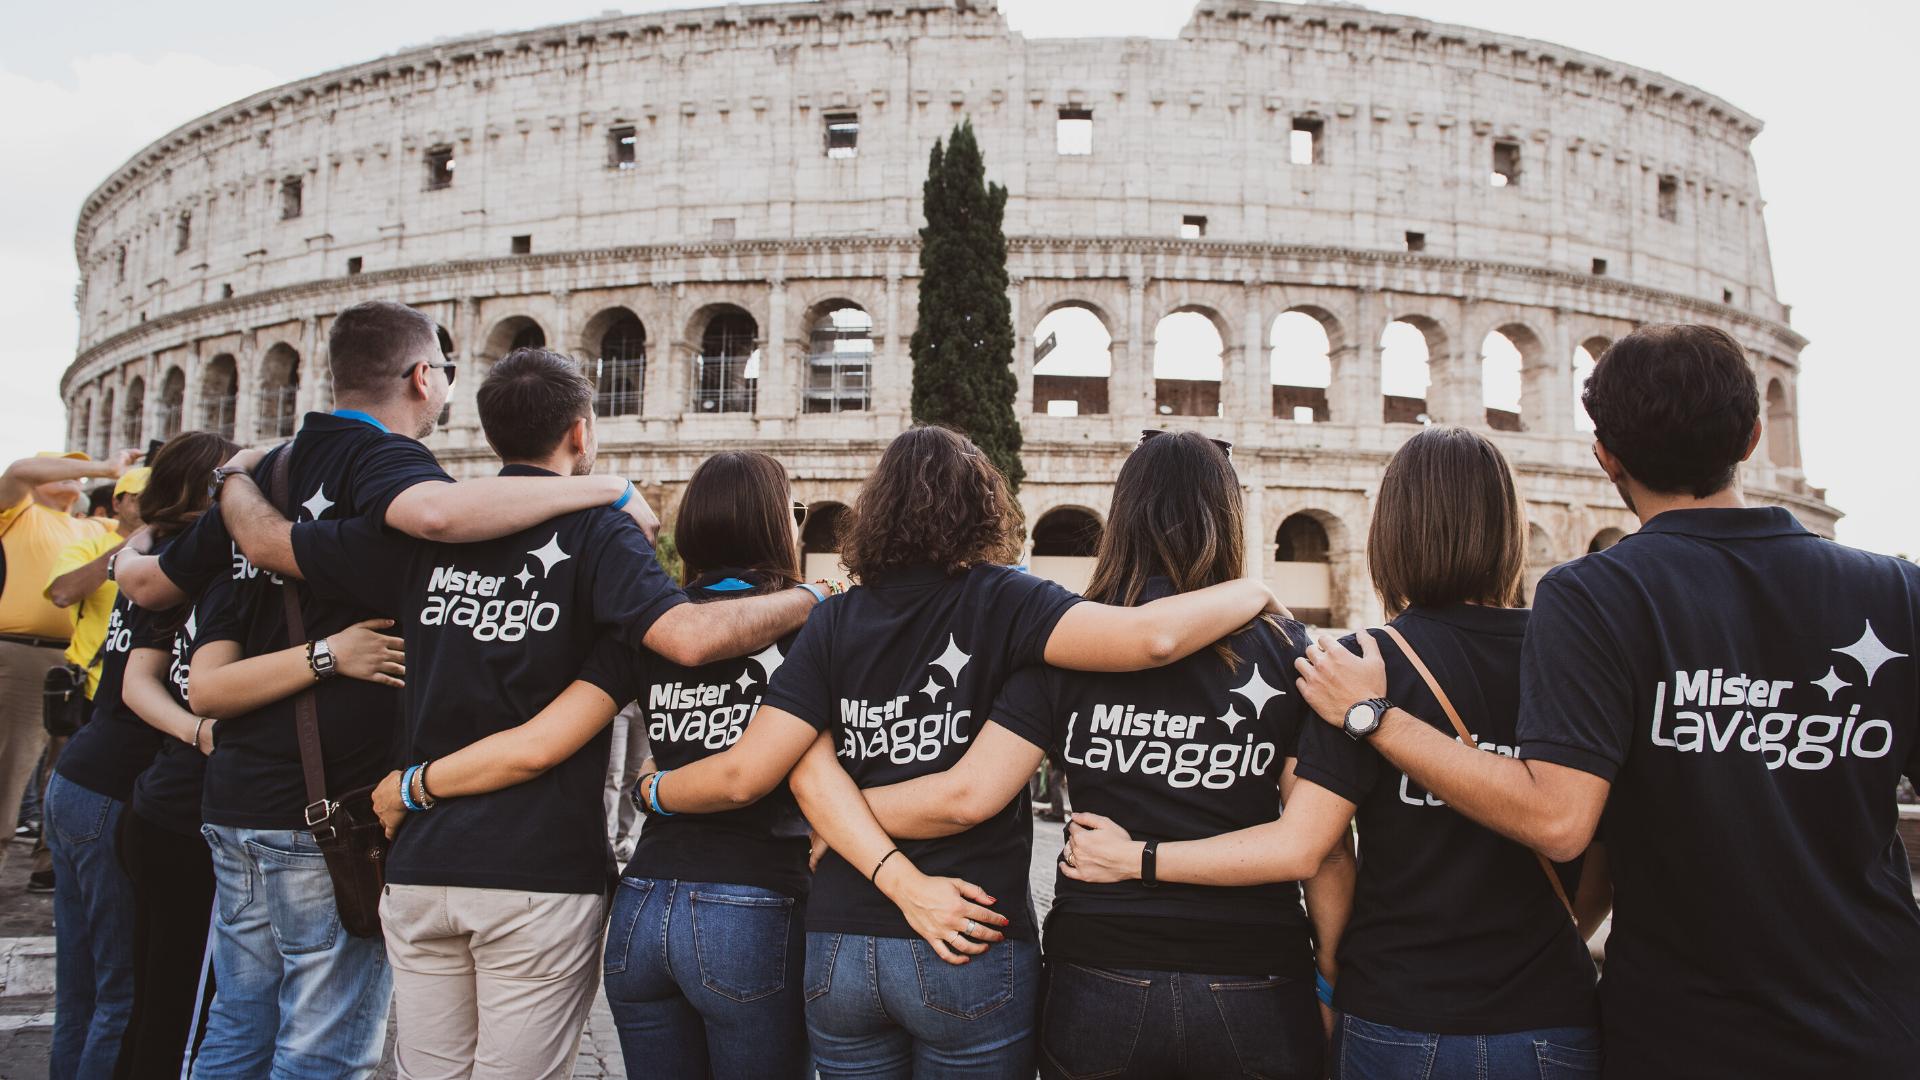 Team Mister Lavaggio Roma 2019